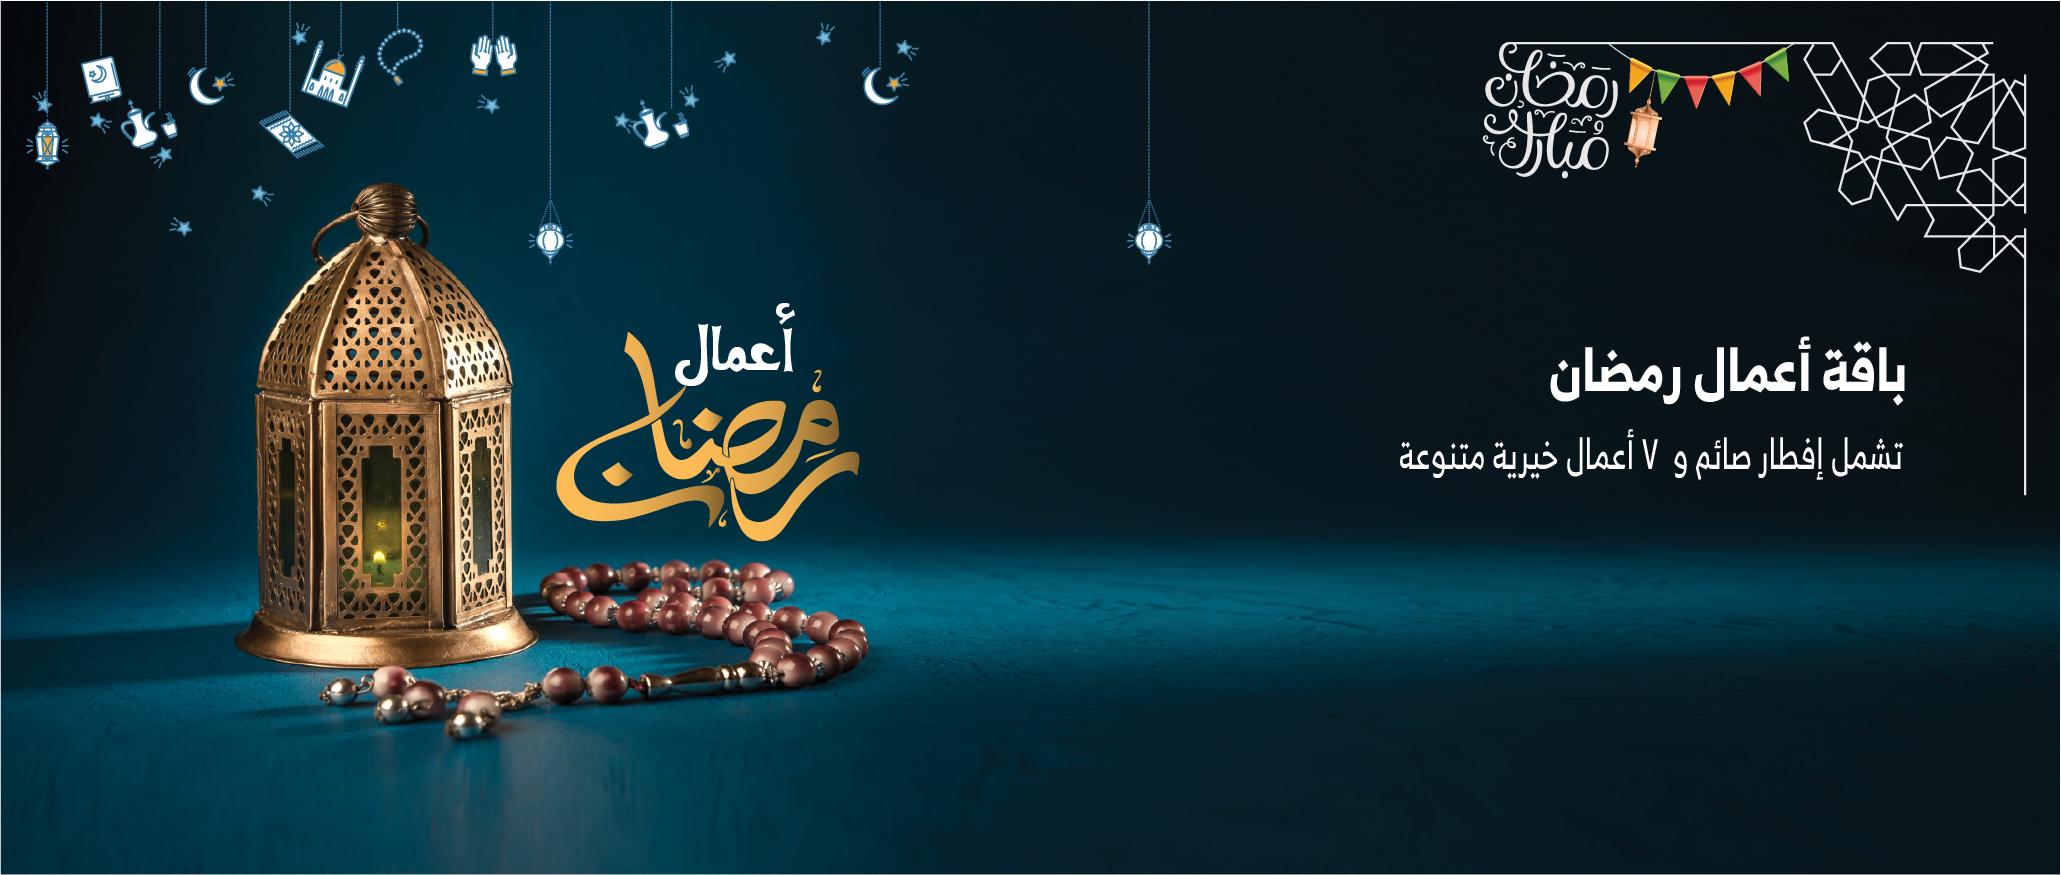 أعمال رمضان